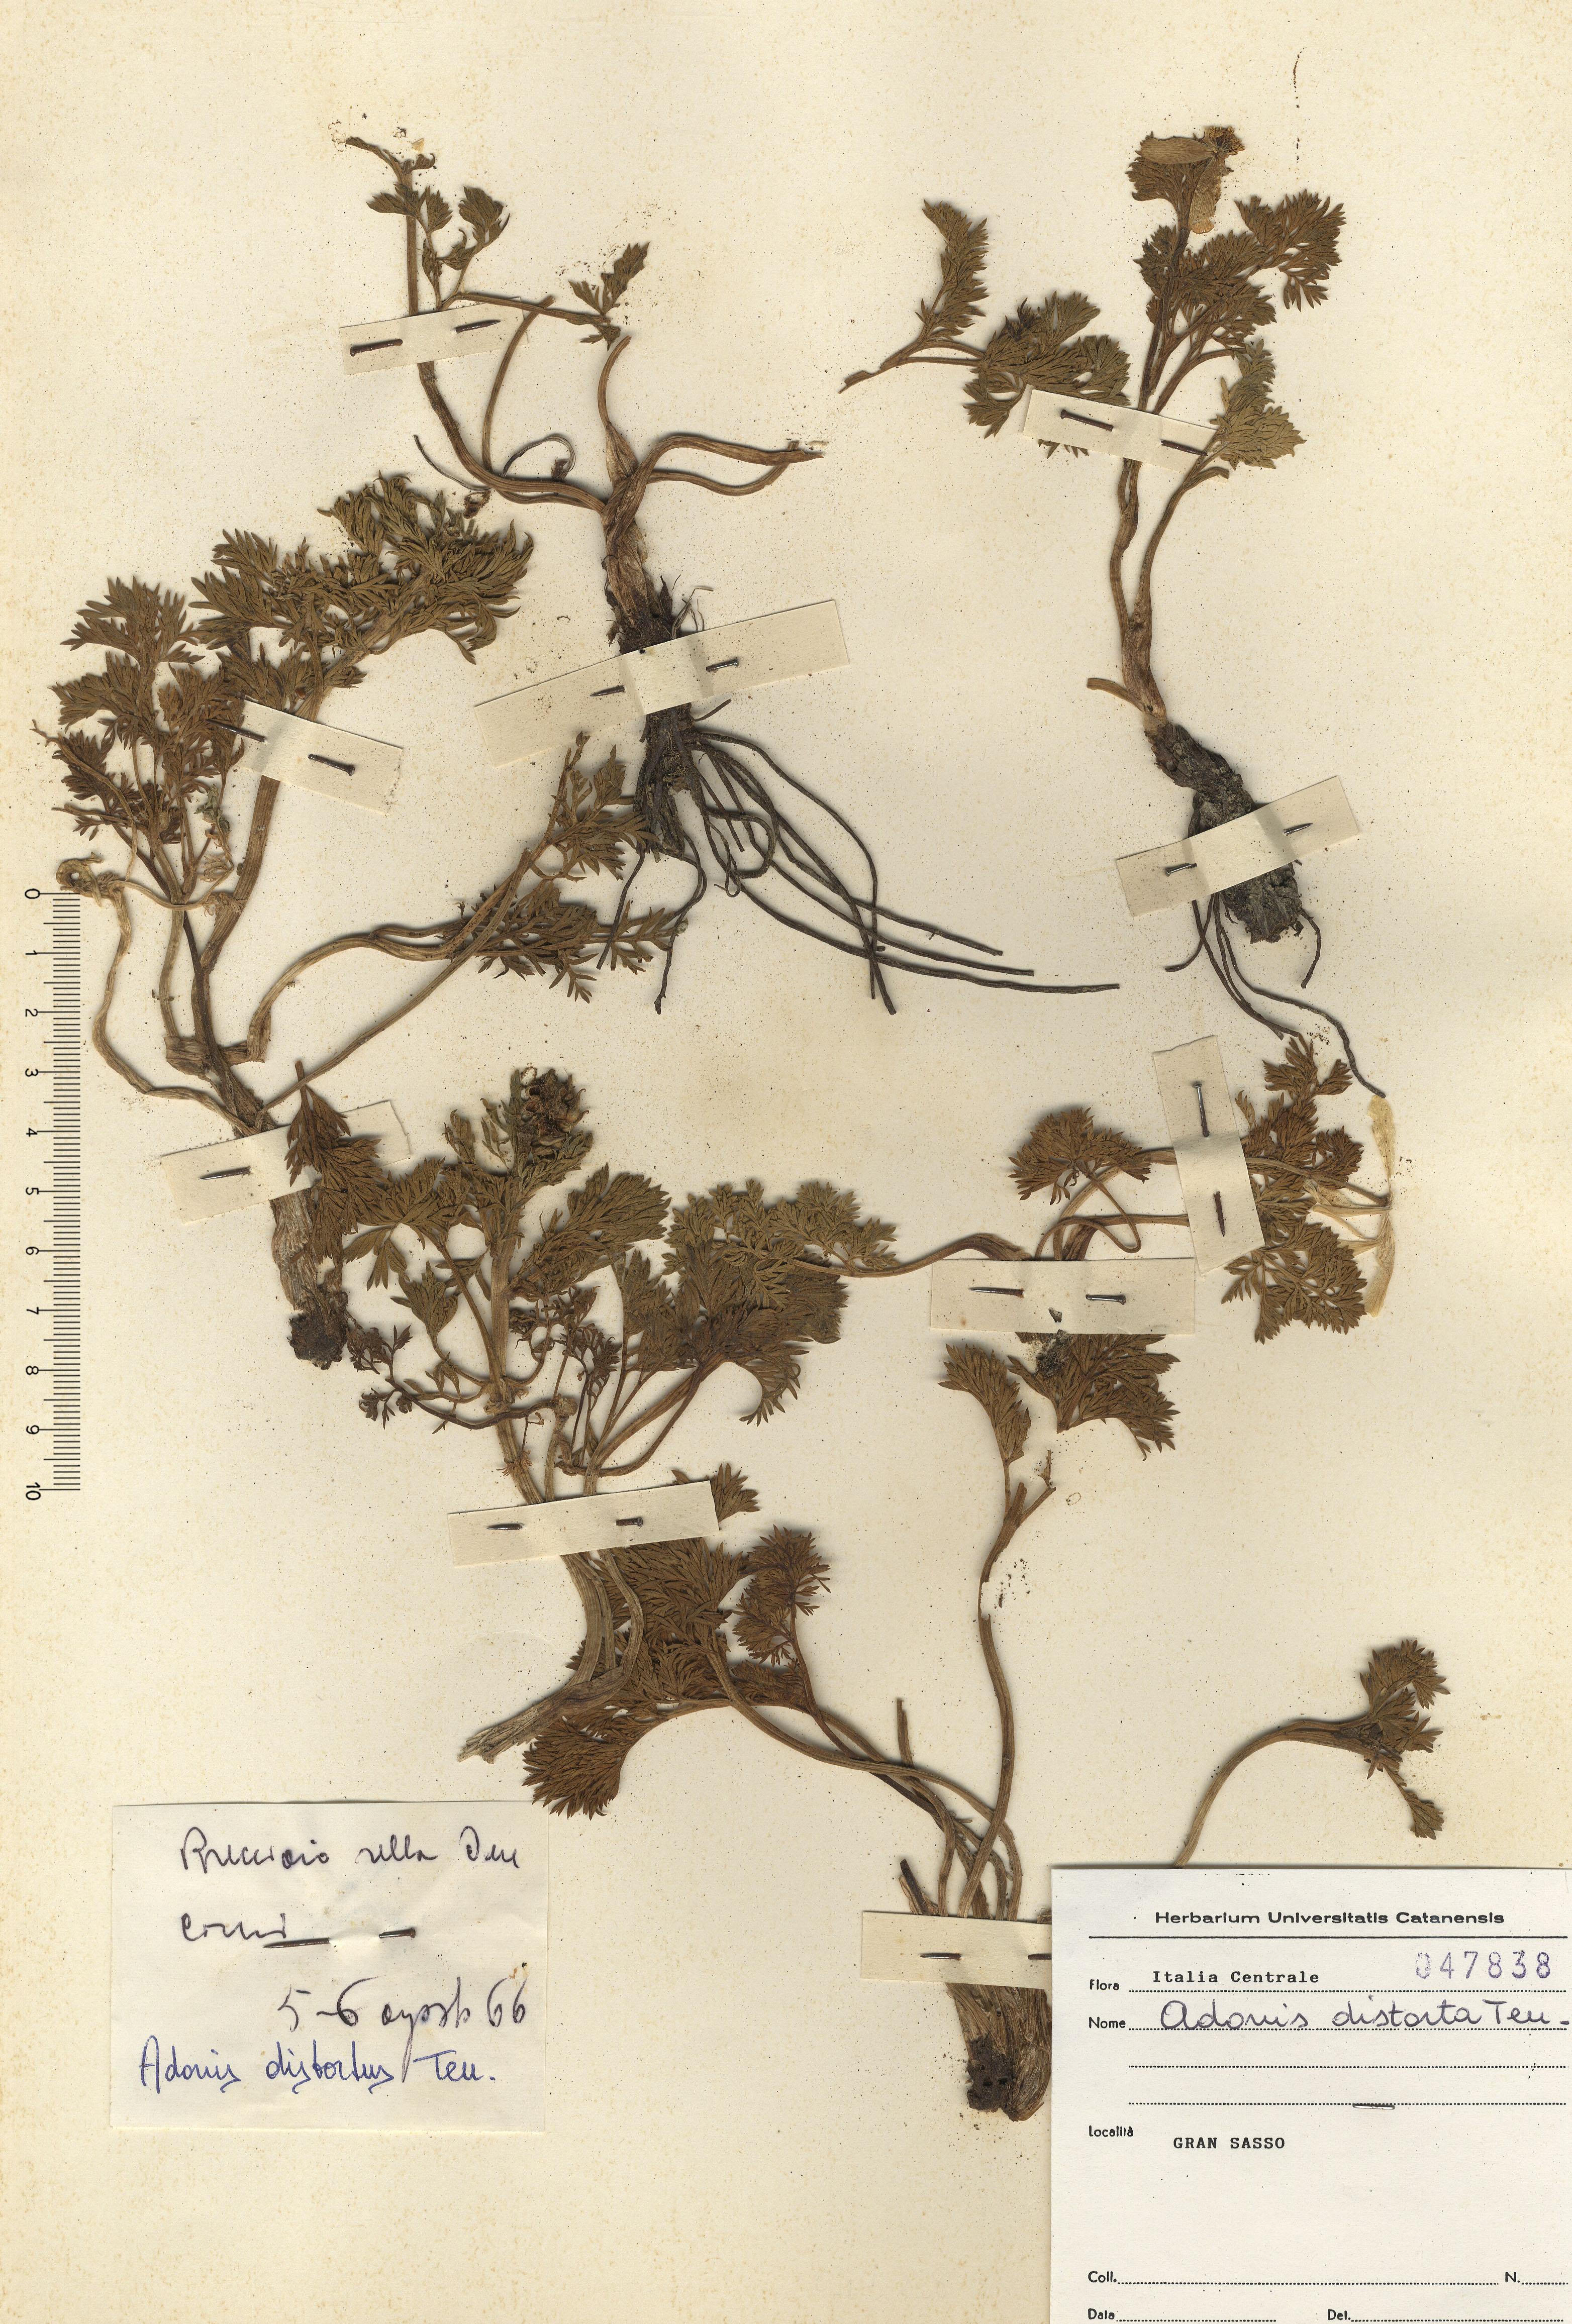 © Hortus Botanicus Catinensis - Herb. sheet 047838<br>